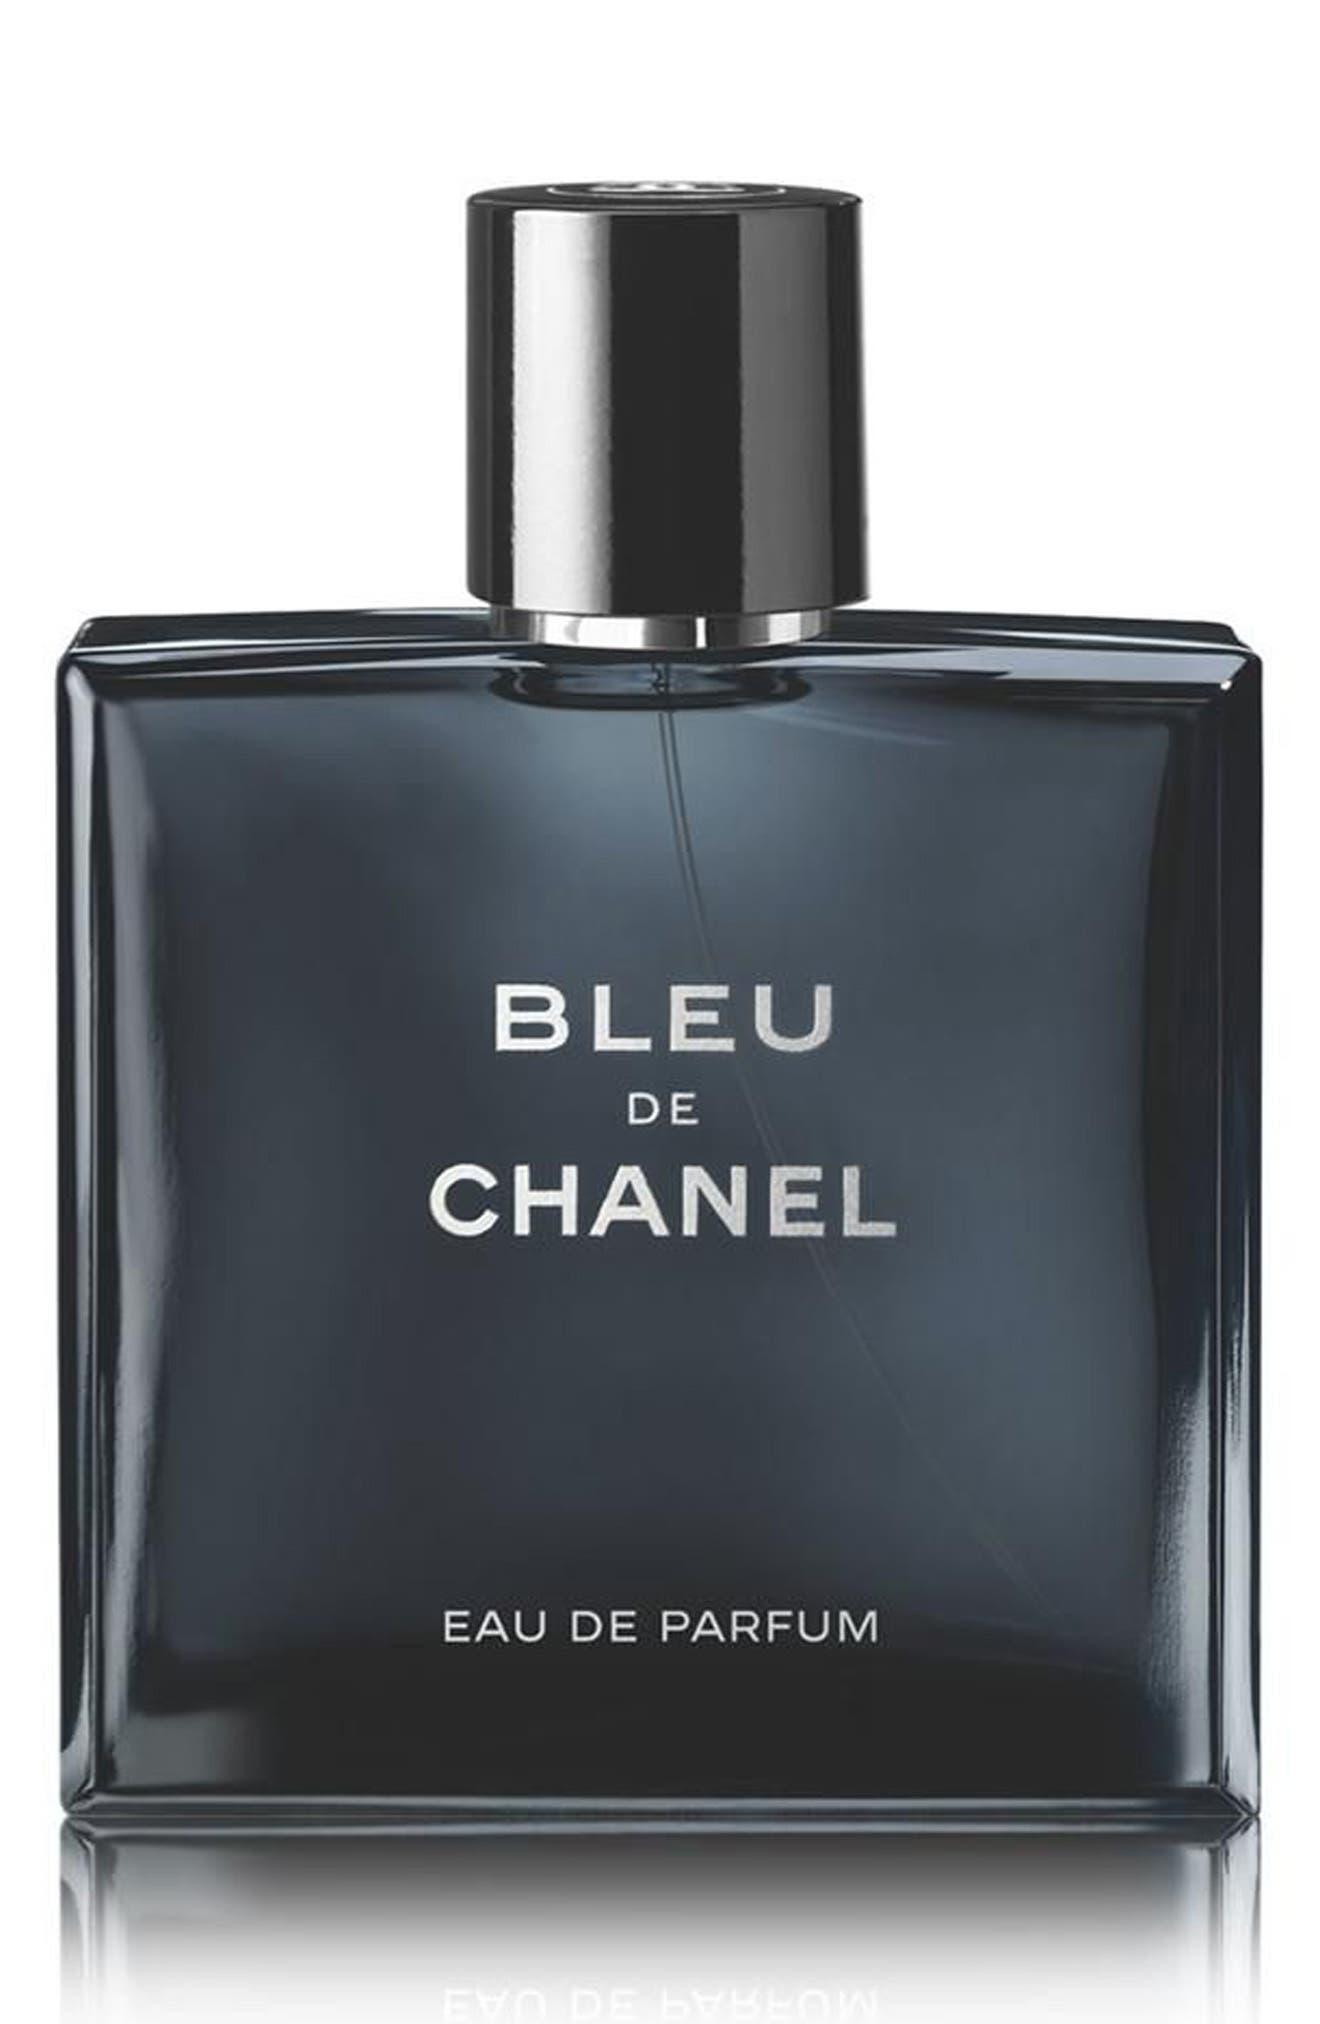 CHANEL BLEU DE CHANEL  Eau de Parfum Pour Homme Spray (Limited Edition)